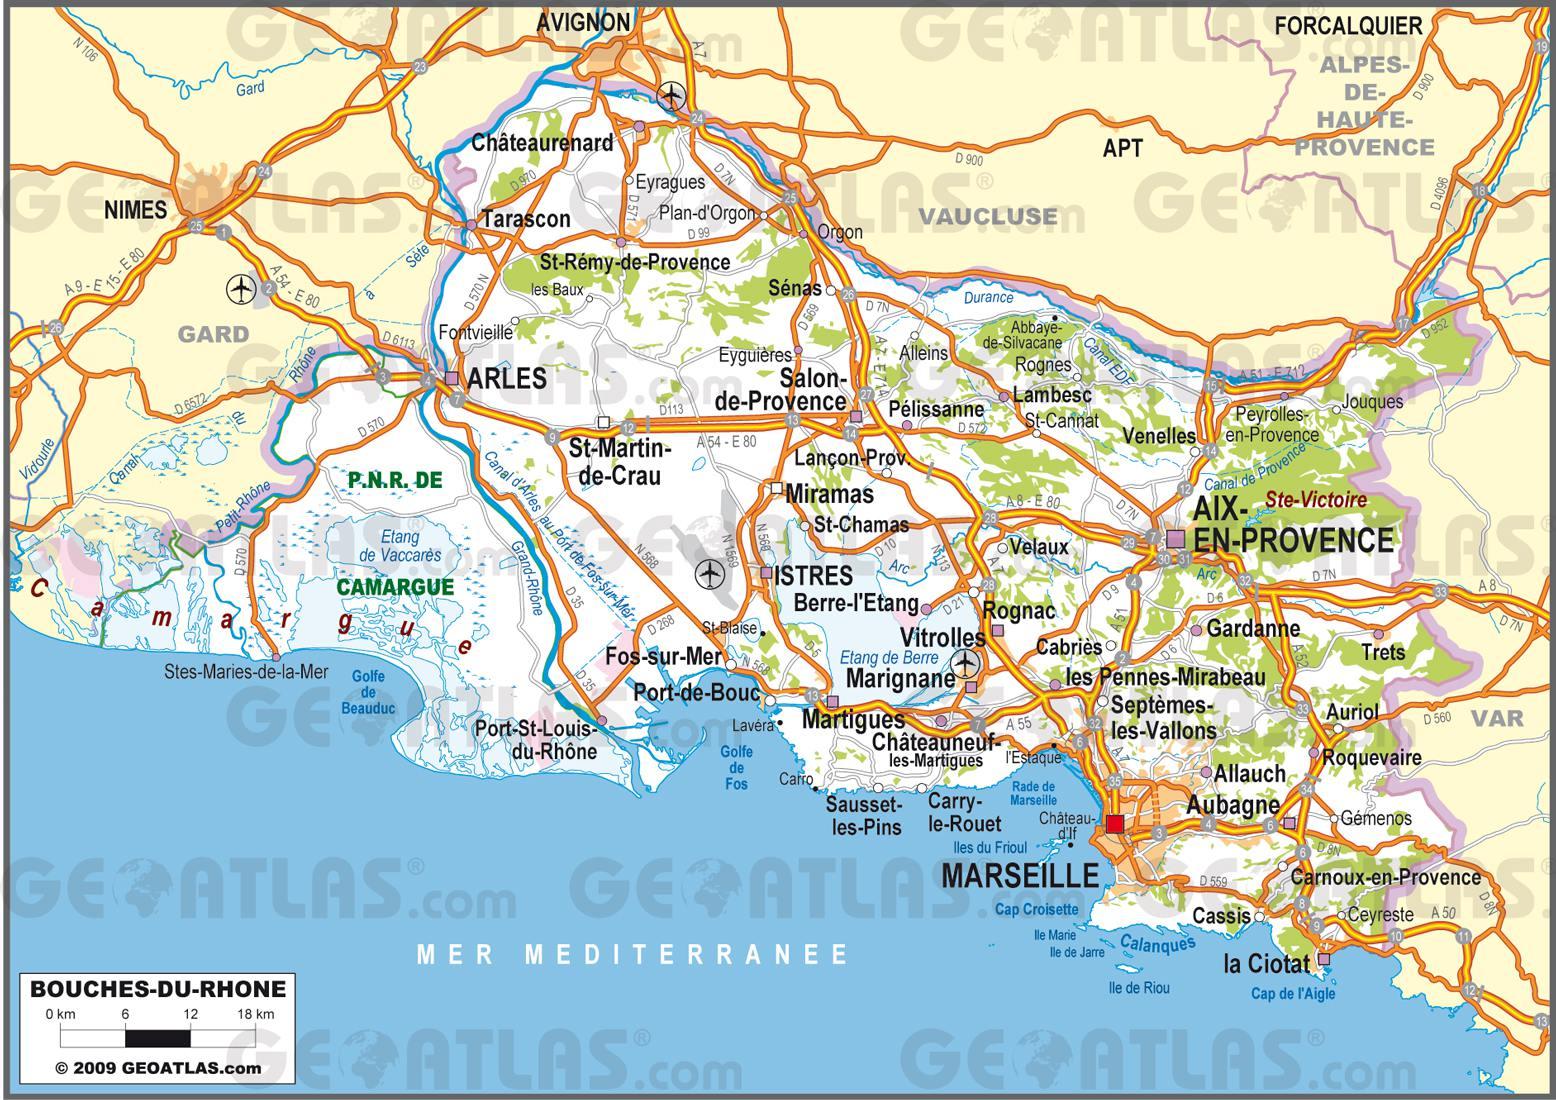 carte des bouches du rh ne communes d taill e relief